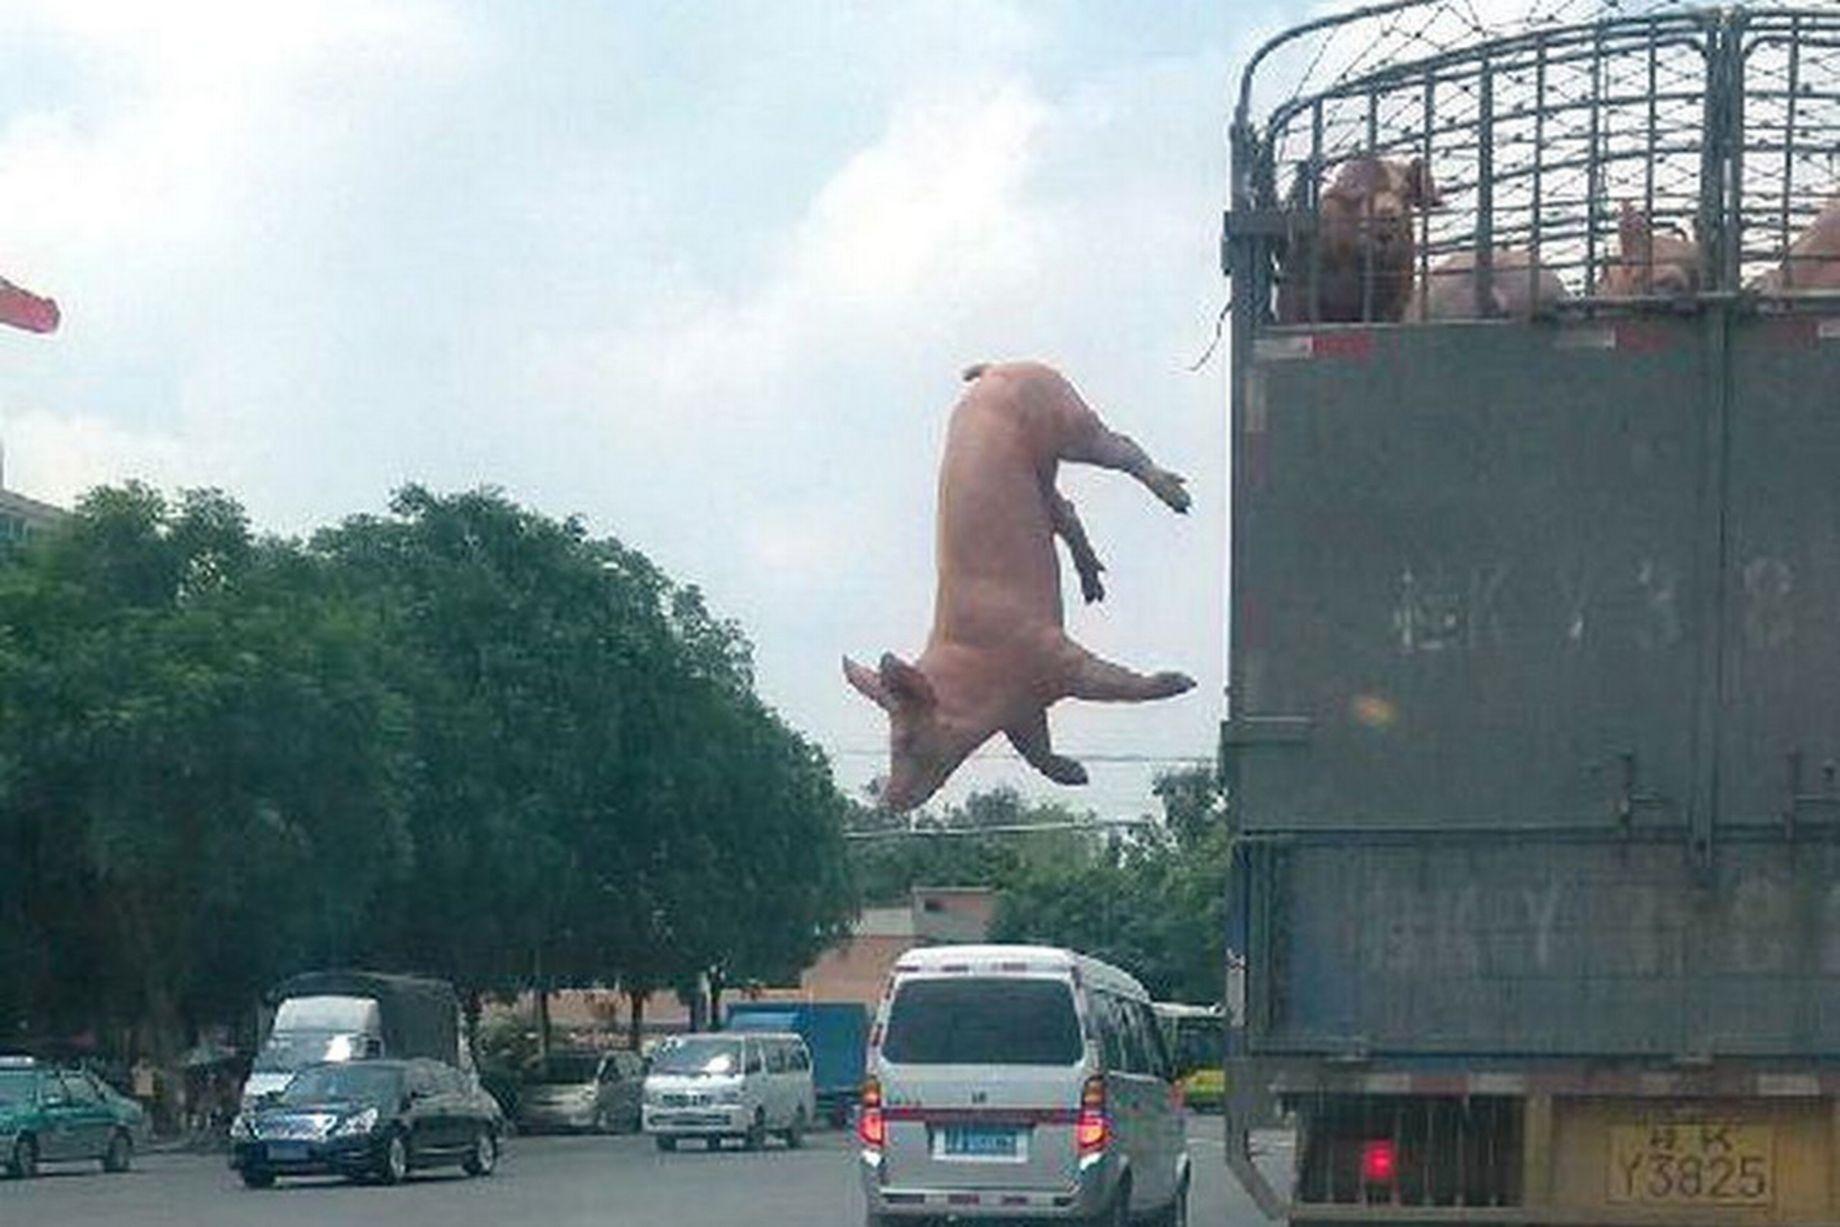 من أجل معانقة الحرية..خنزير يقوم بقفزة انتحارية من فوق شاحنة